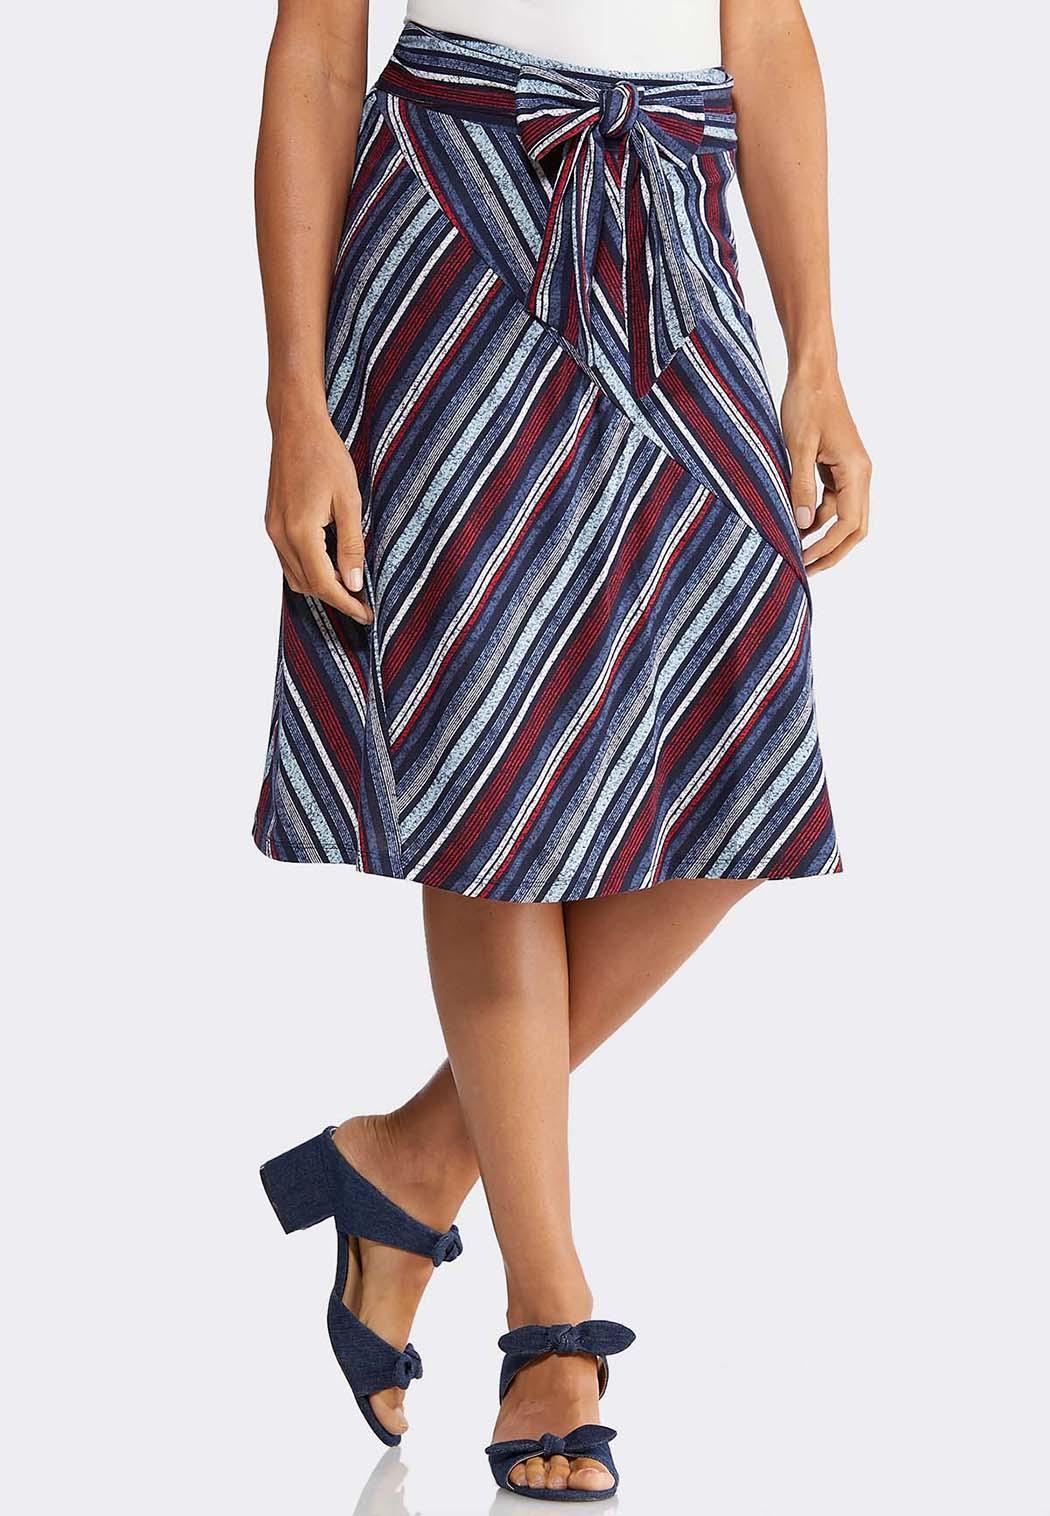 2365b96bc Americana Tie Waist Skirt alternate view Americana Tie Waist Skirt